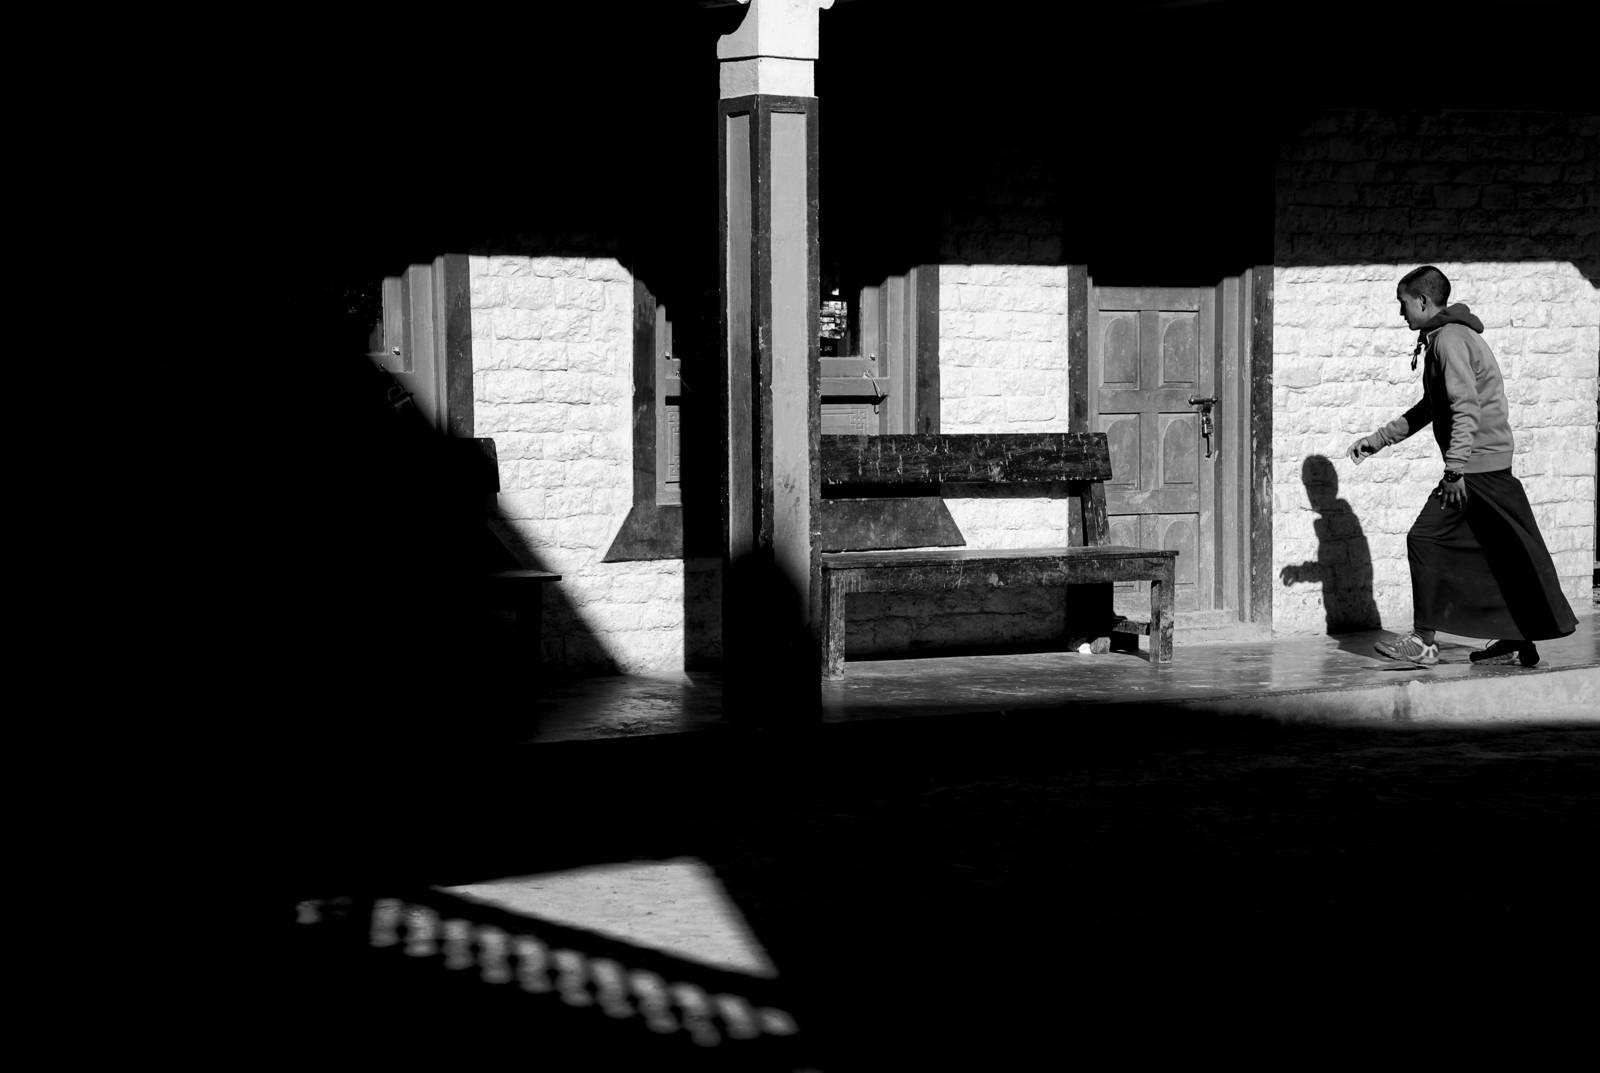 Kag Chode Thupten Samphel Ling monastery in Kagbeni. Image credit: Sujoy Das